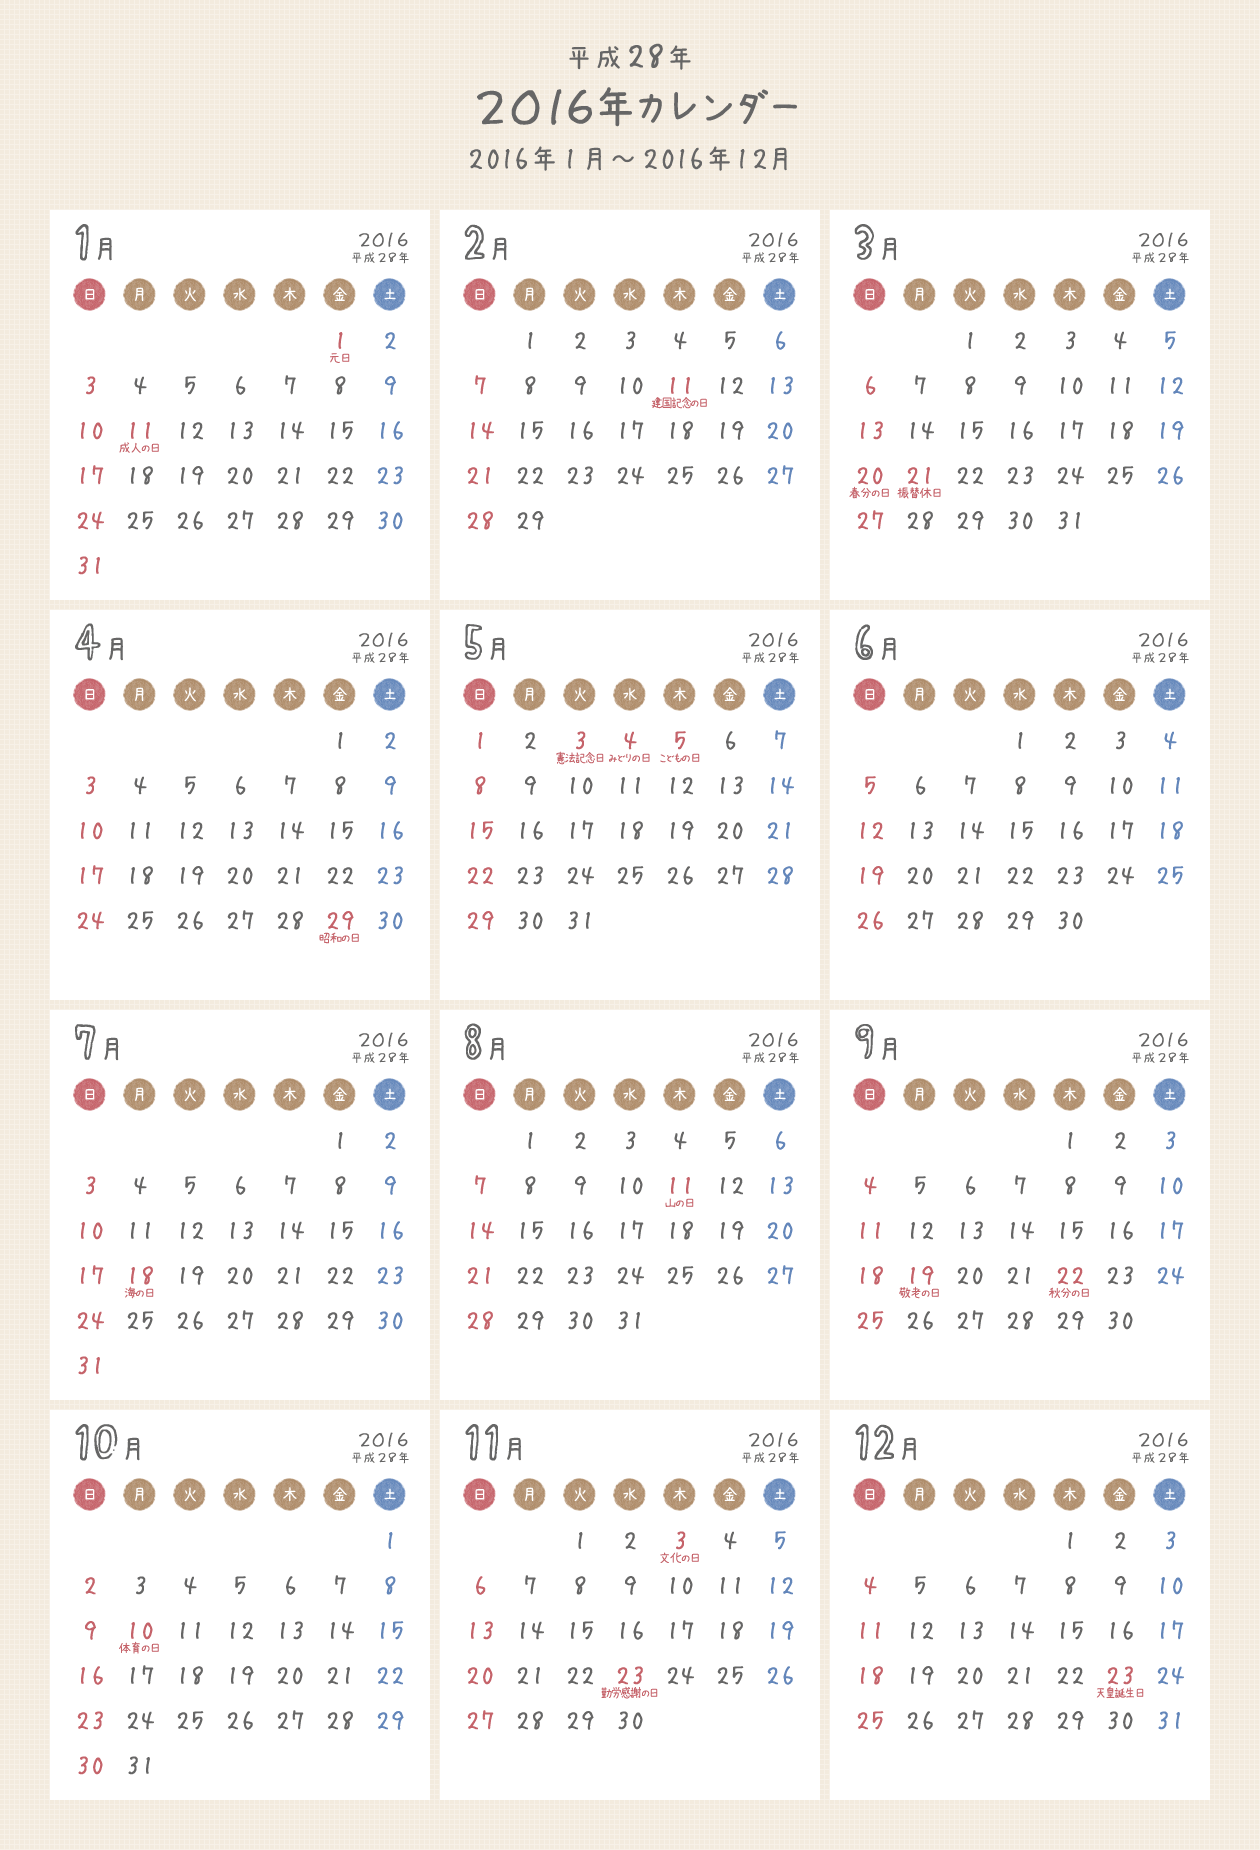 手書き風かわいいpdf年間カレンダー2016年(平成28年)[印刷用:a3縦